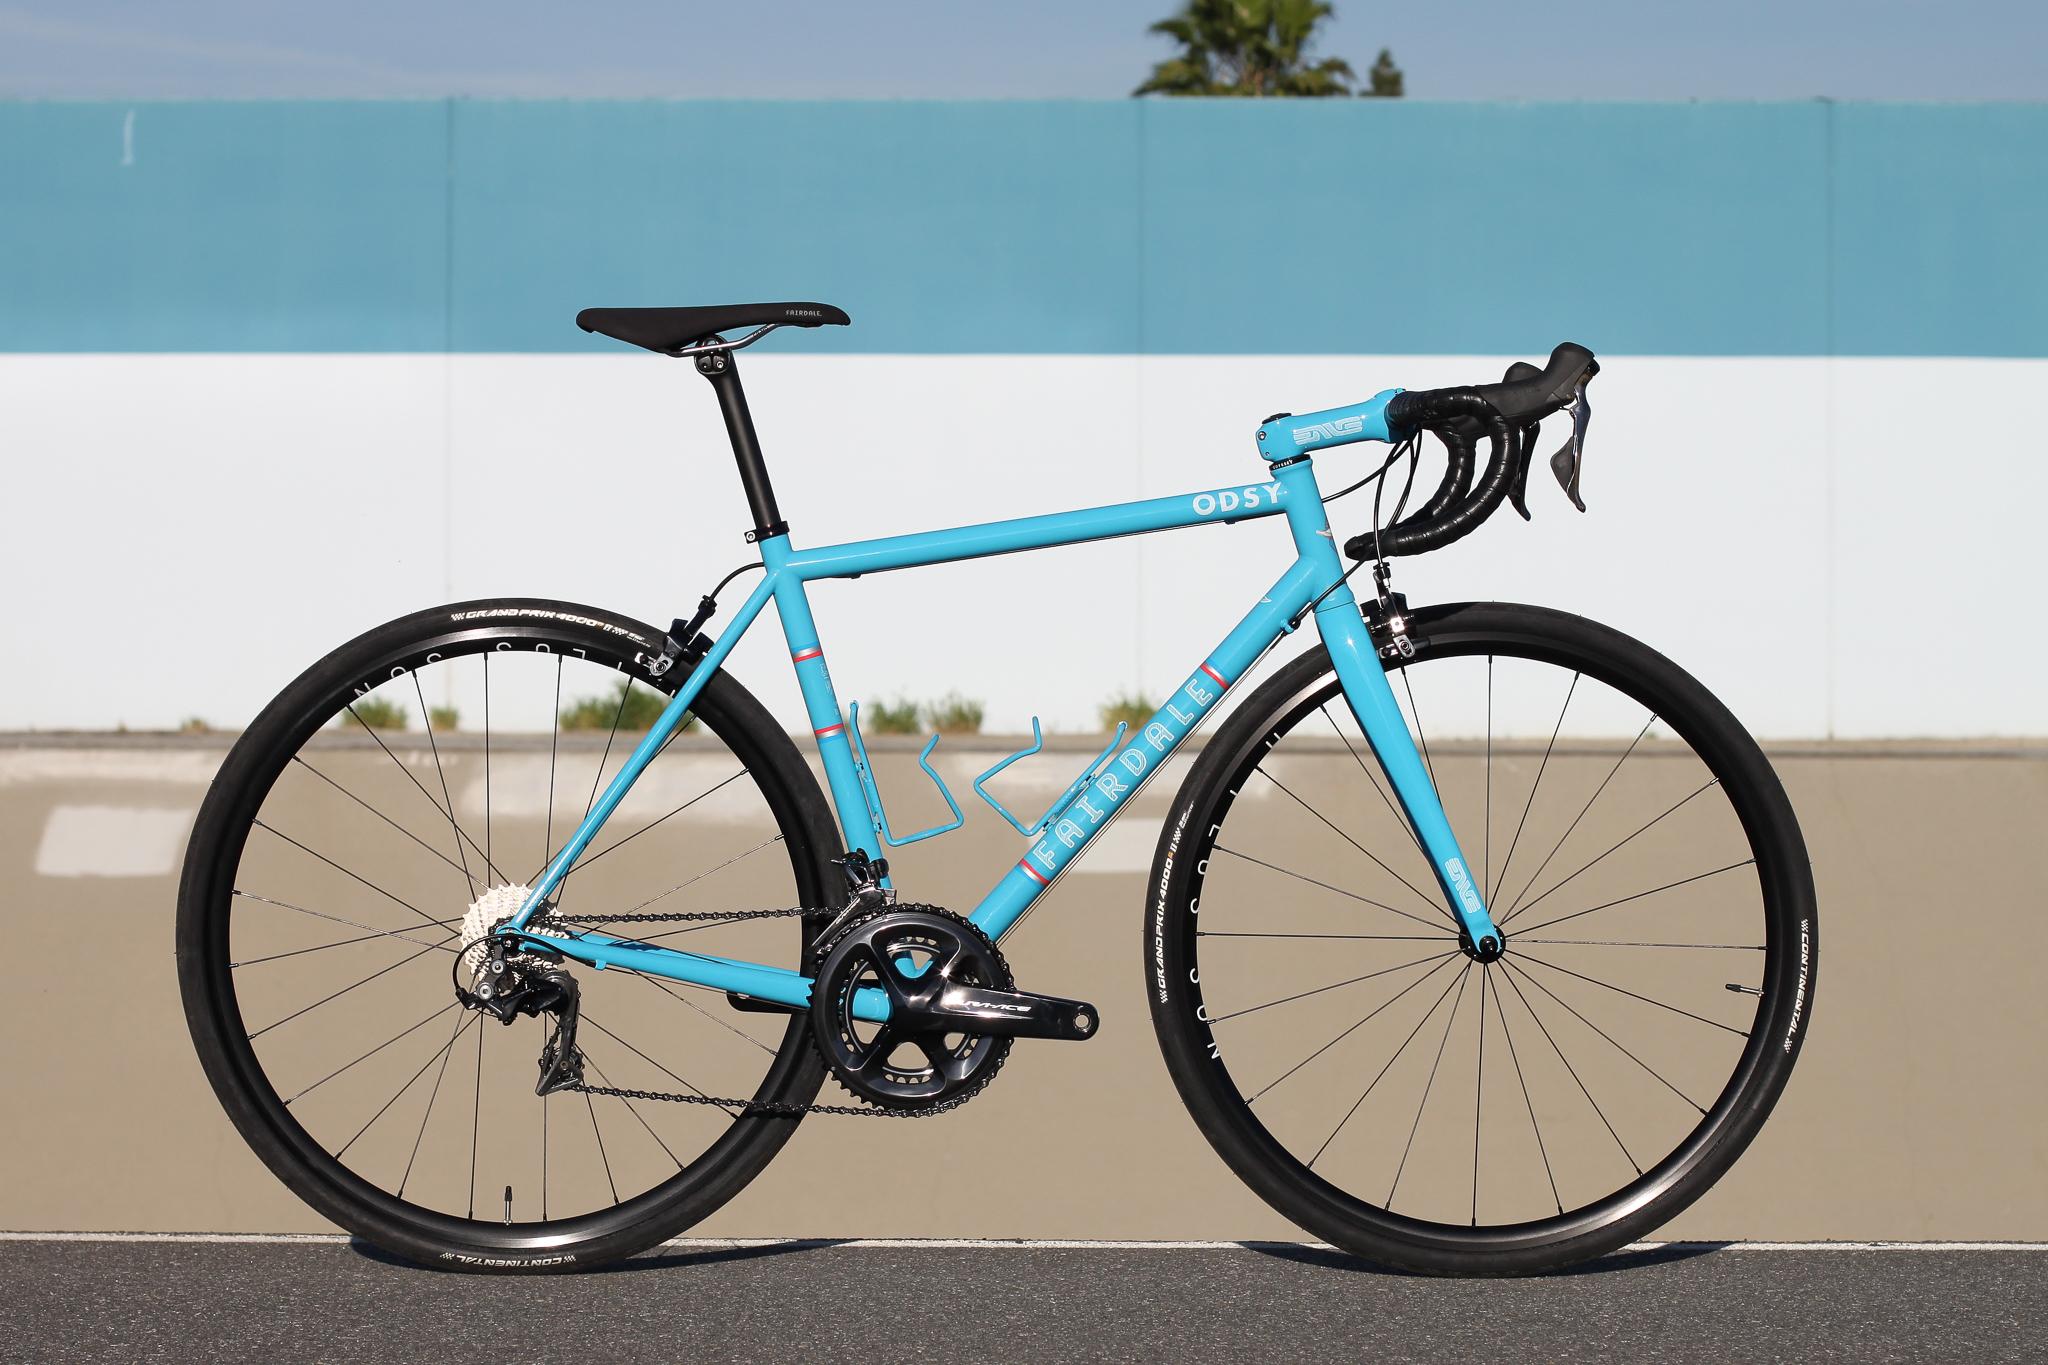 fairdale-bikes-sam-carlson-goodship-036